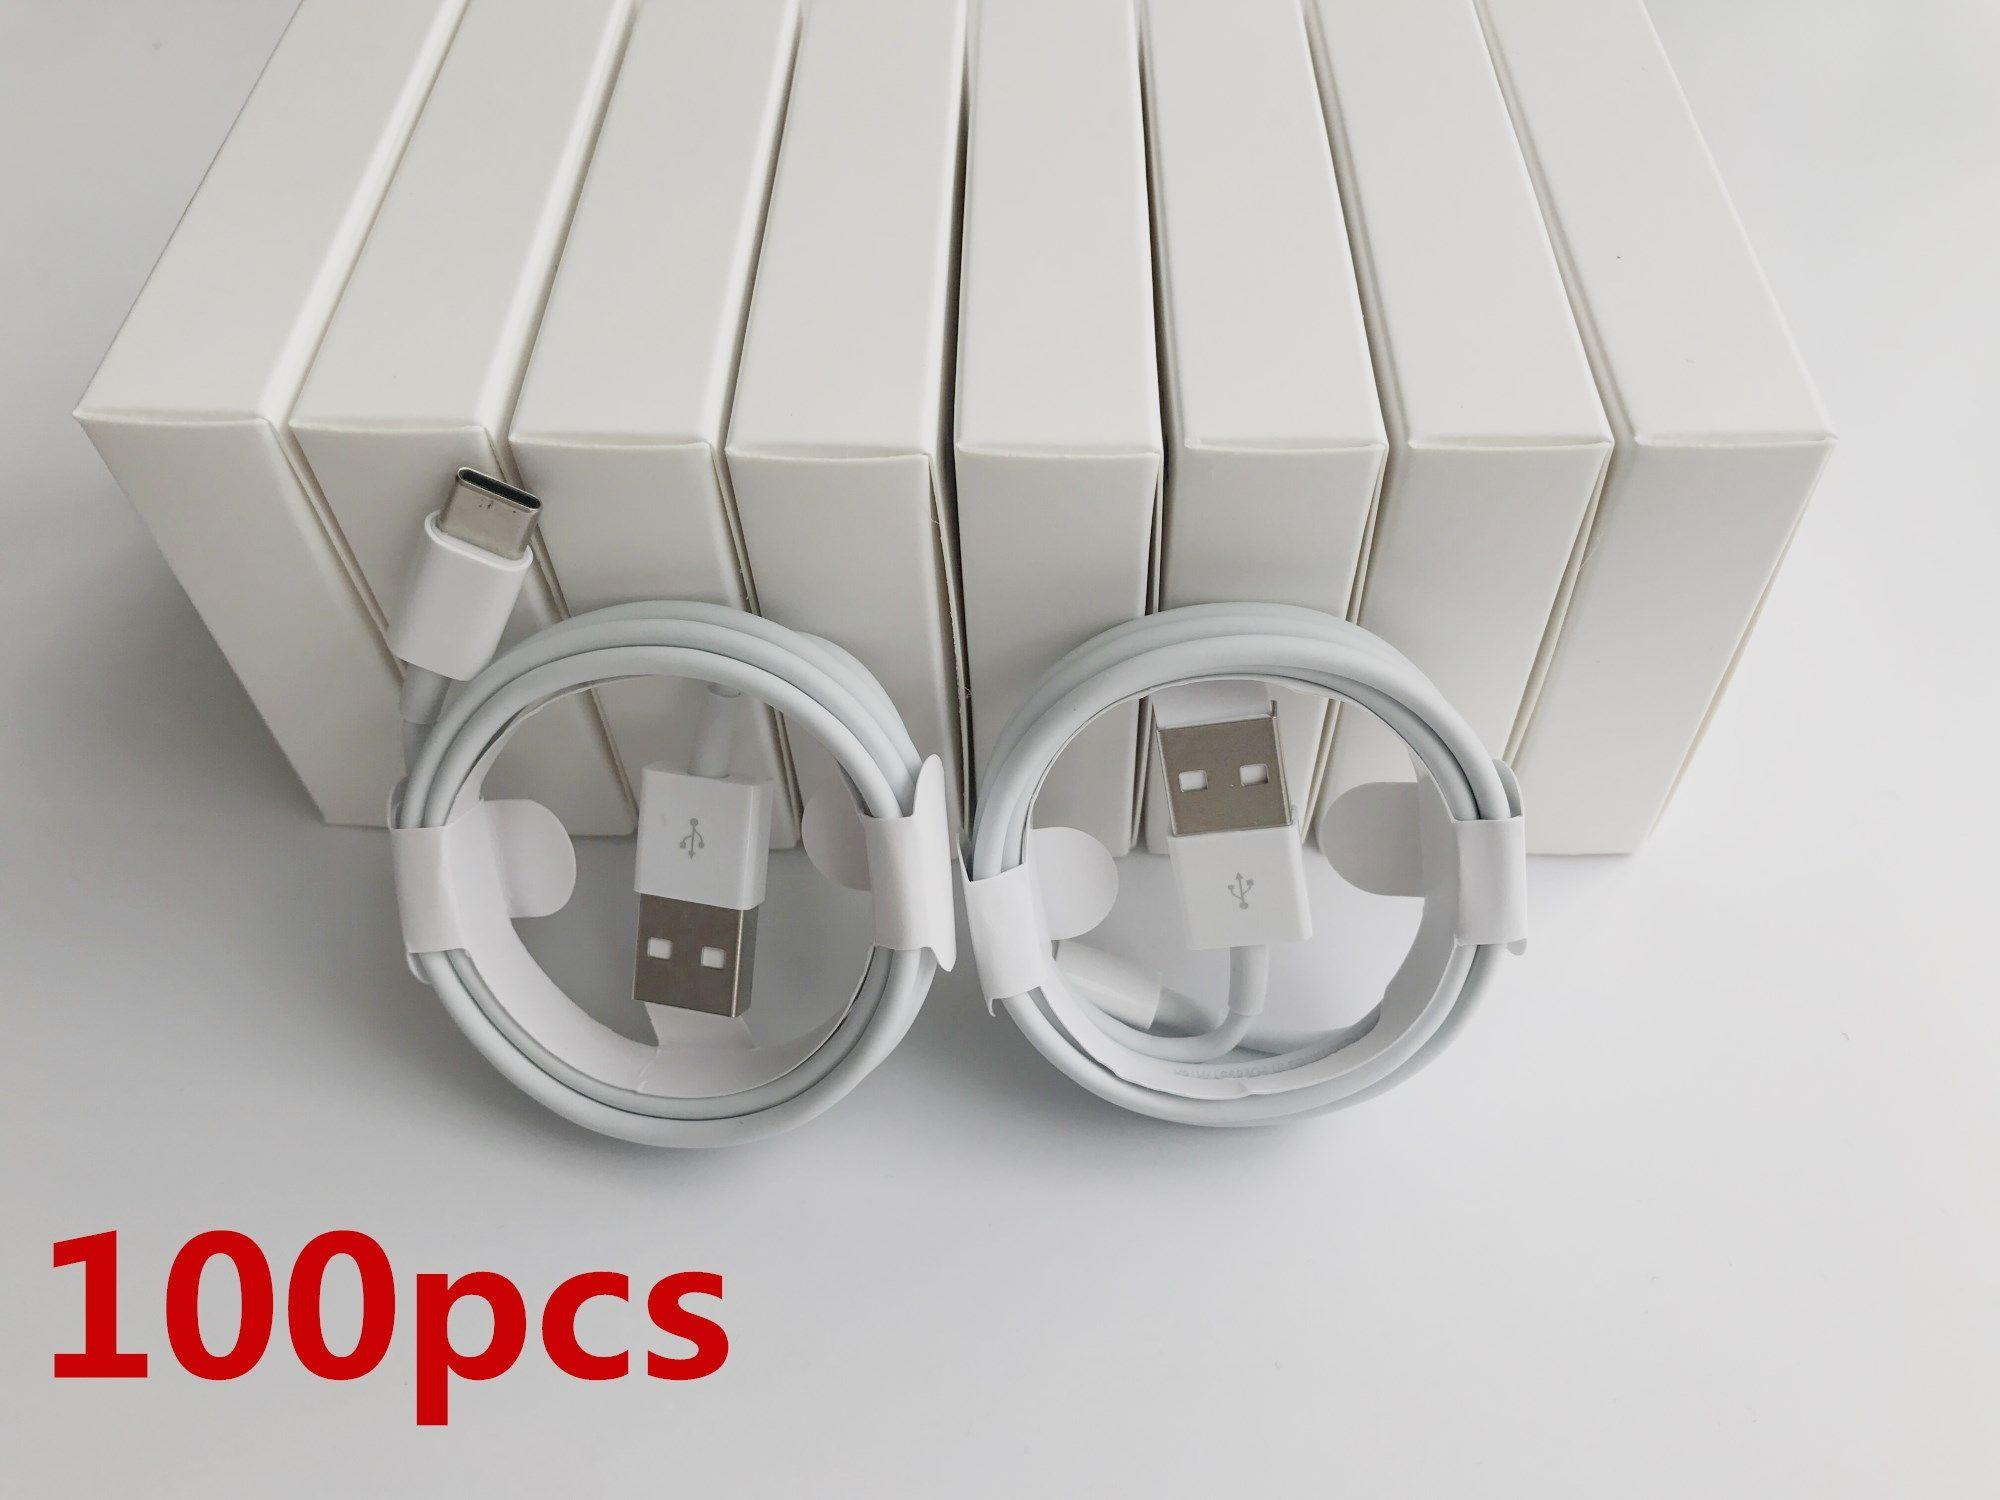 100 قطع 7 أجيال جودة الأصلي OEM 1 متر / 3ft 2 متر / 6ft USB مزامنة بيانات شاحن الهاتف مع صندوق البيع بالتجزئة الجديدة